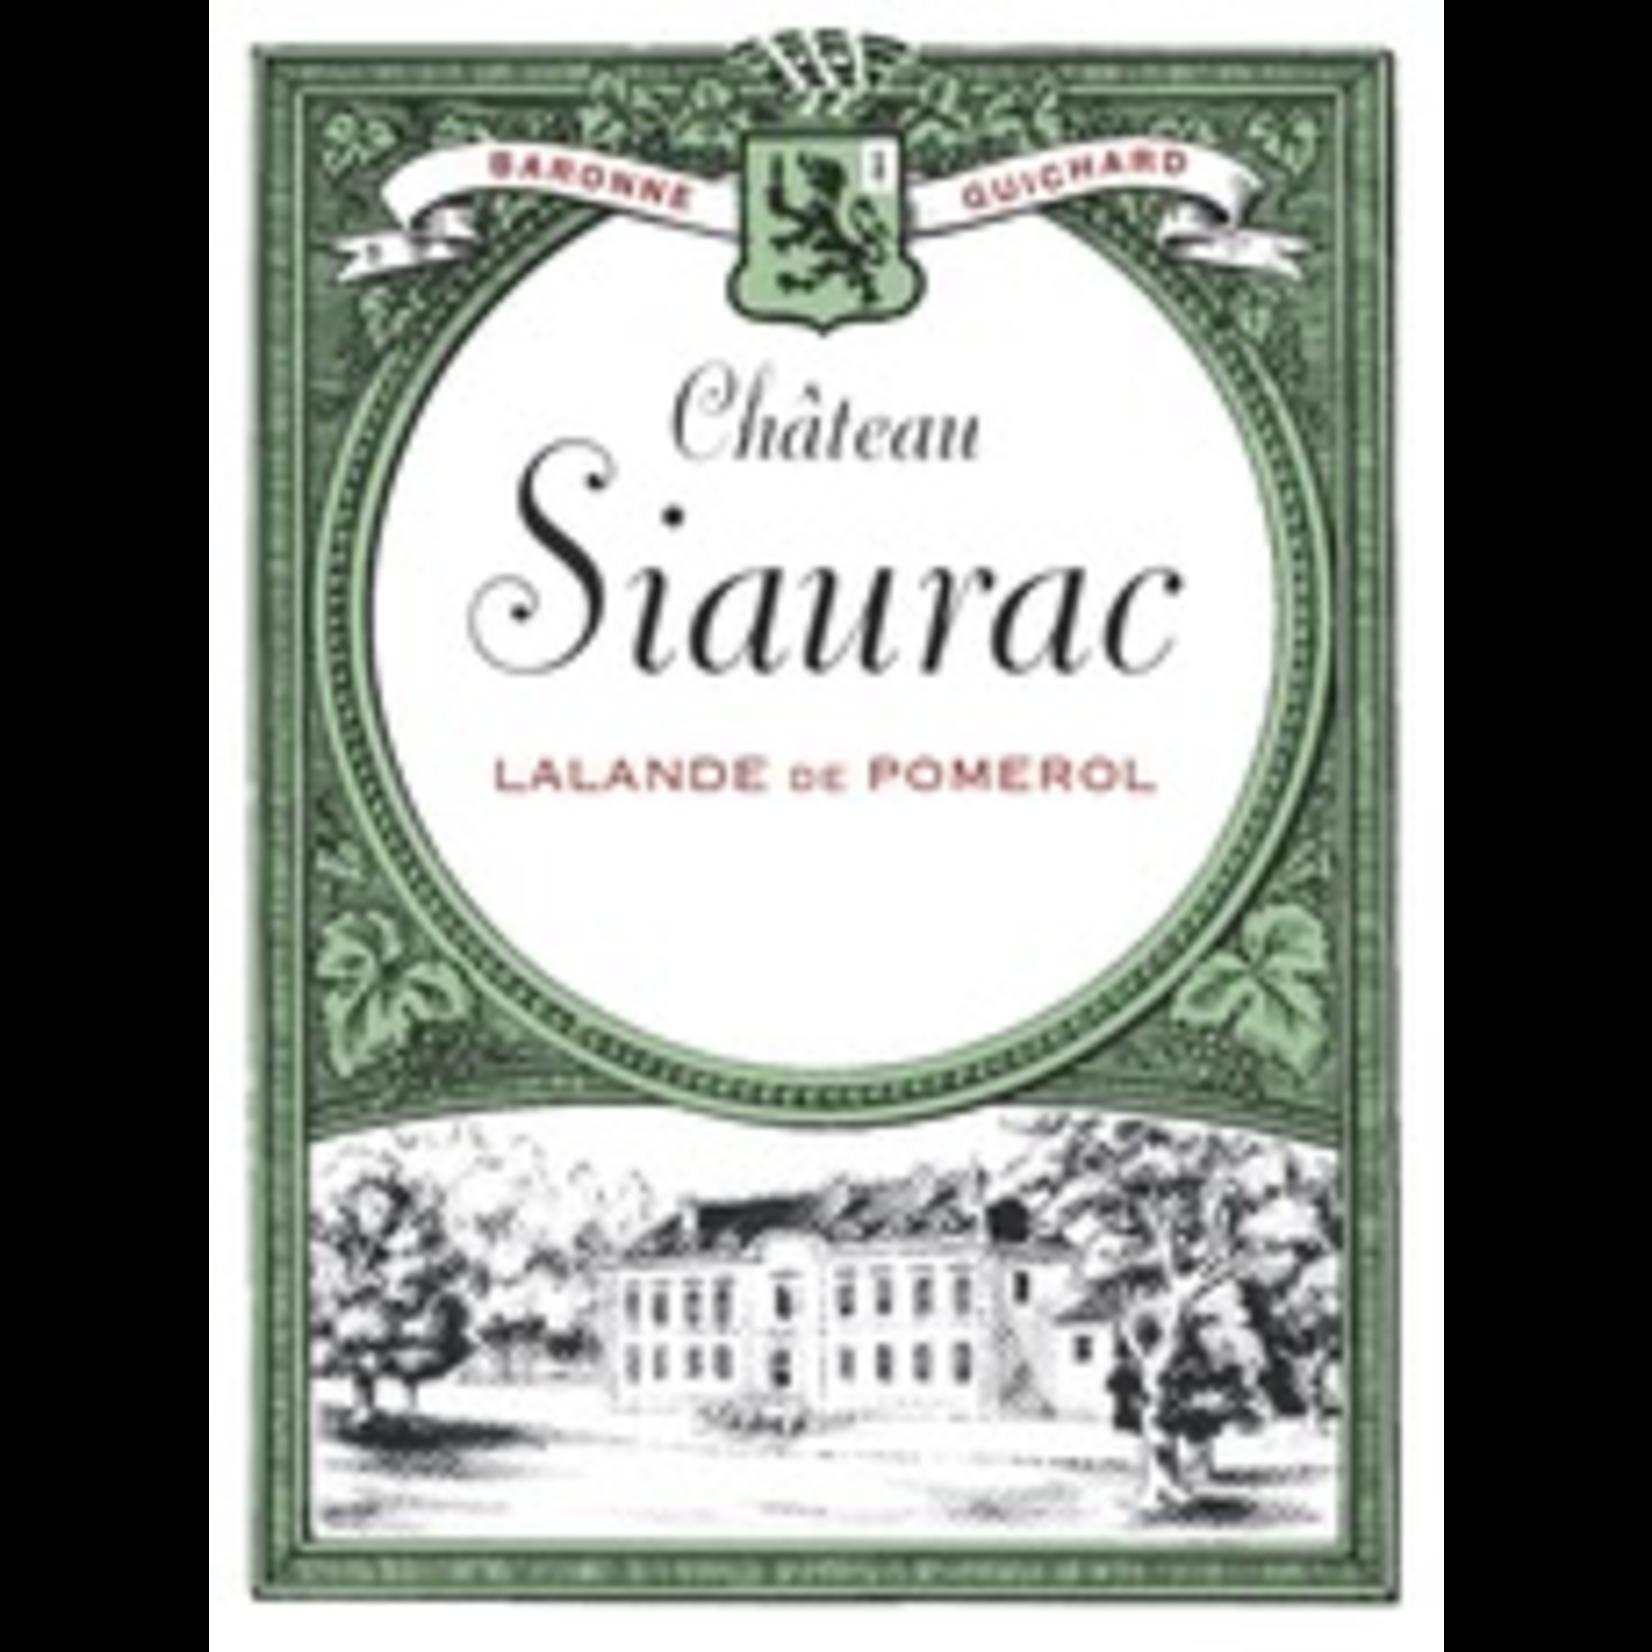 Wine Ch Siaurac 2018